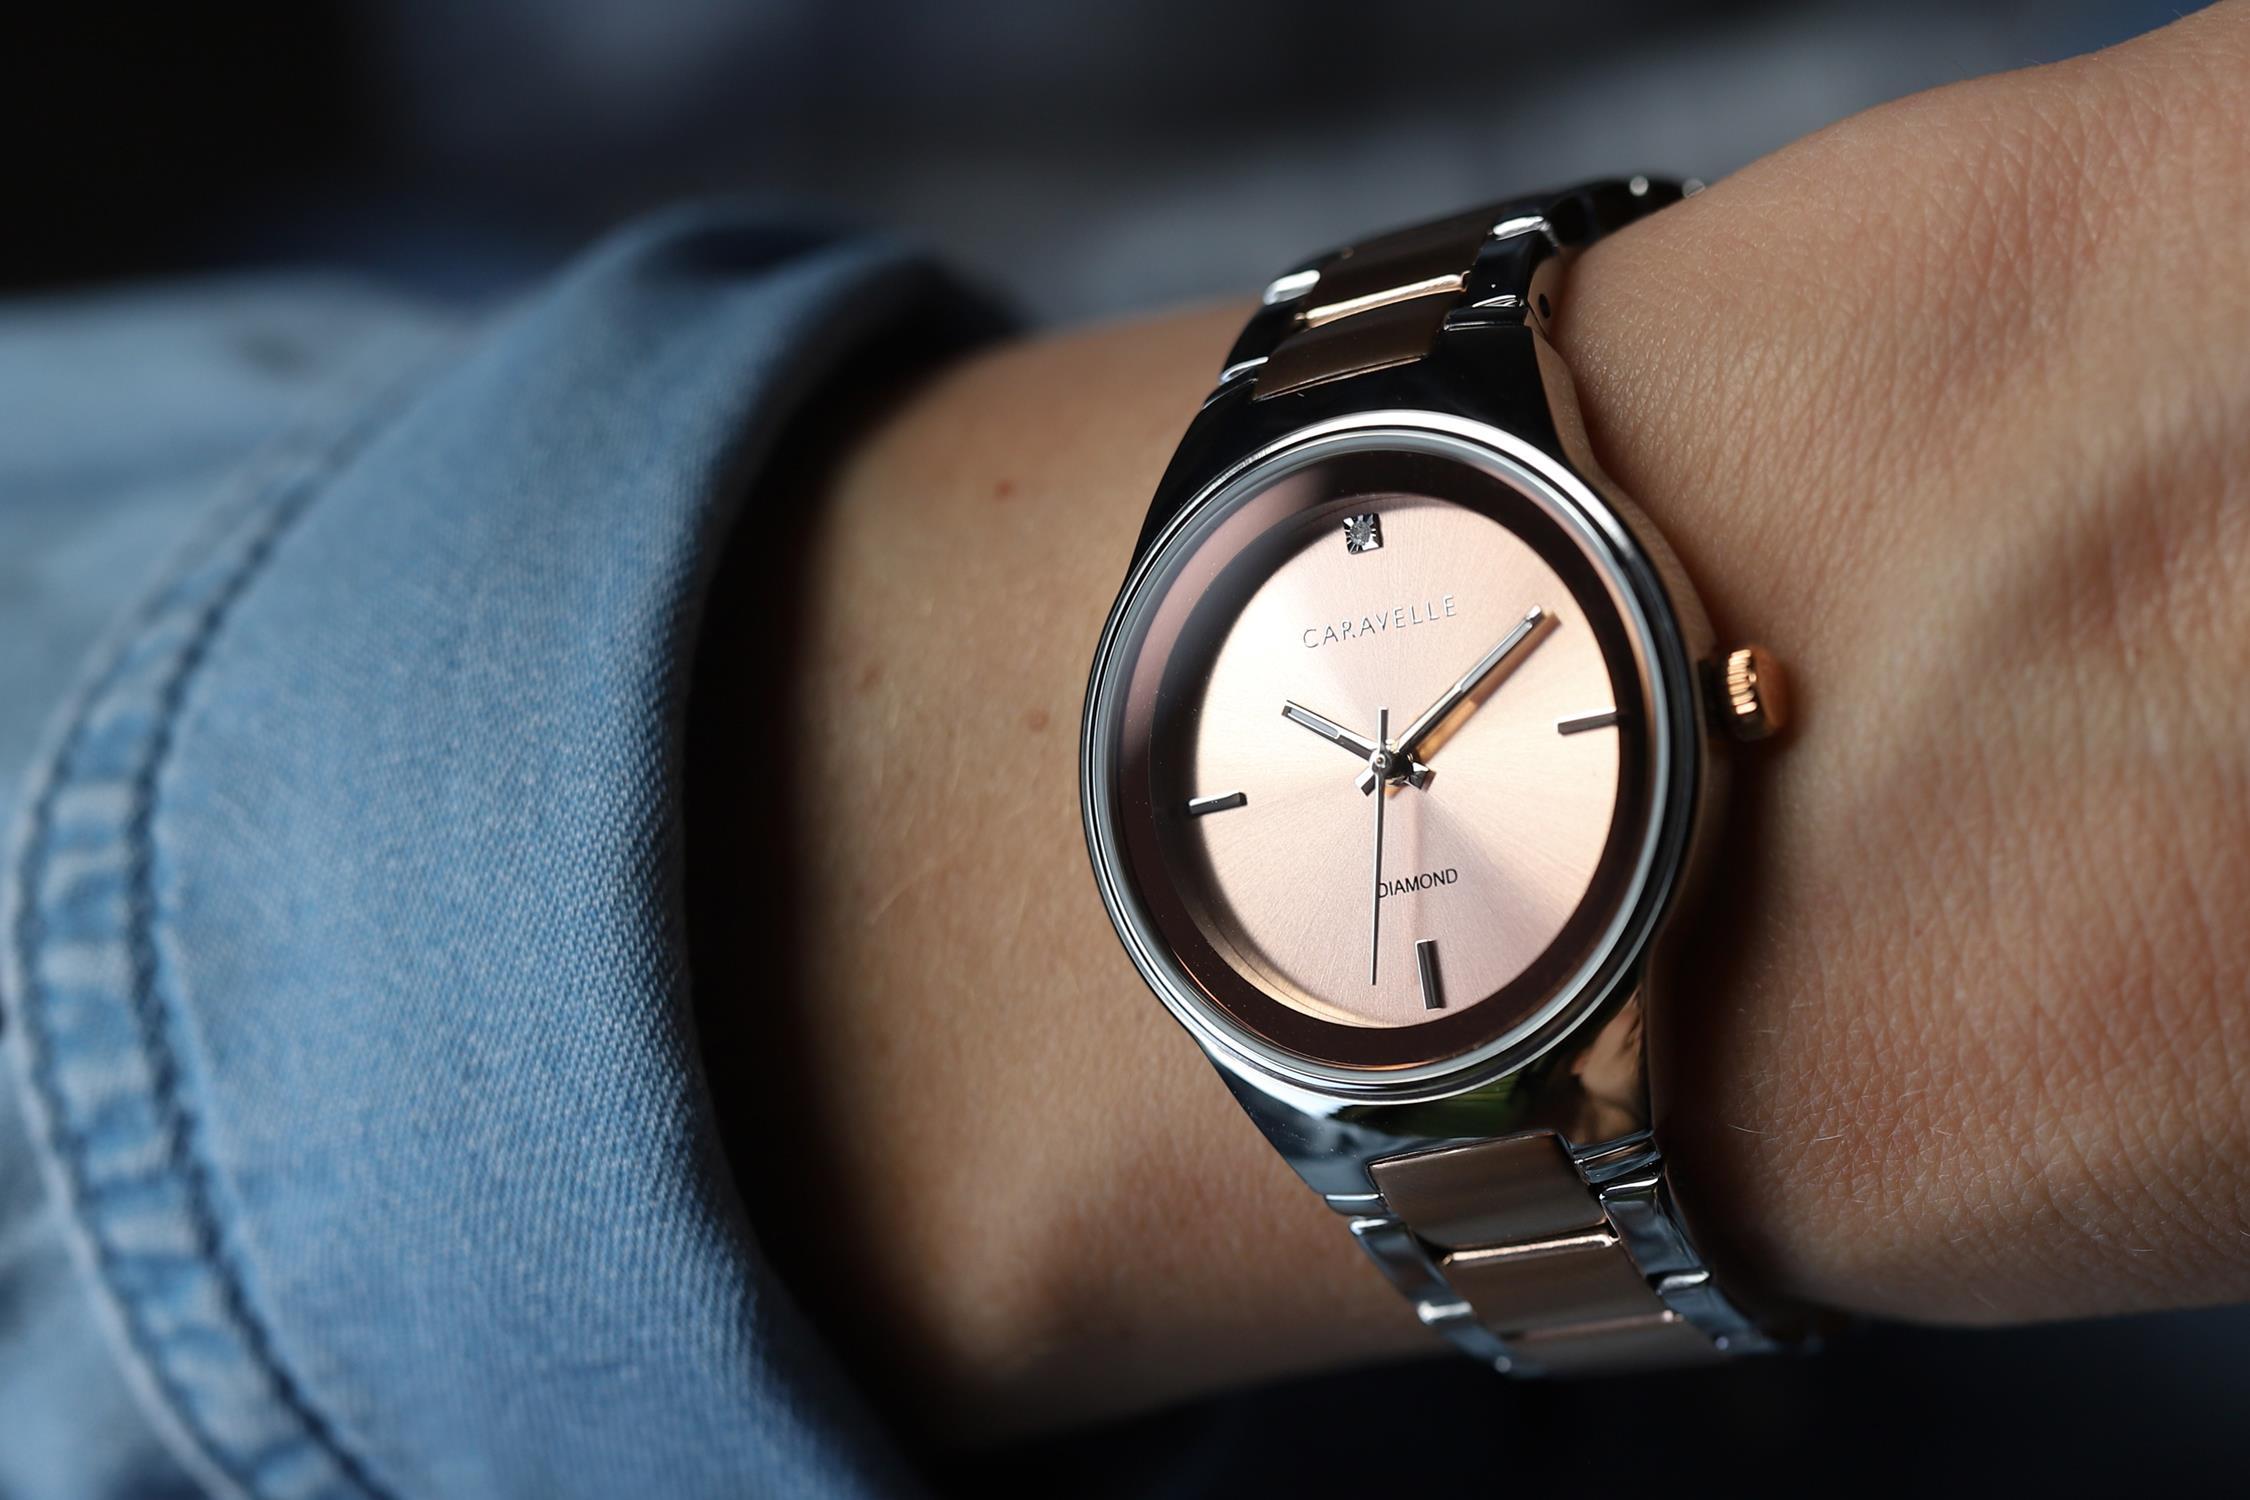 Zegarek damski Caravelle bransoleta 45P109 - duże 6